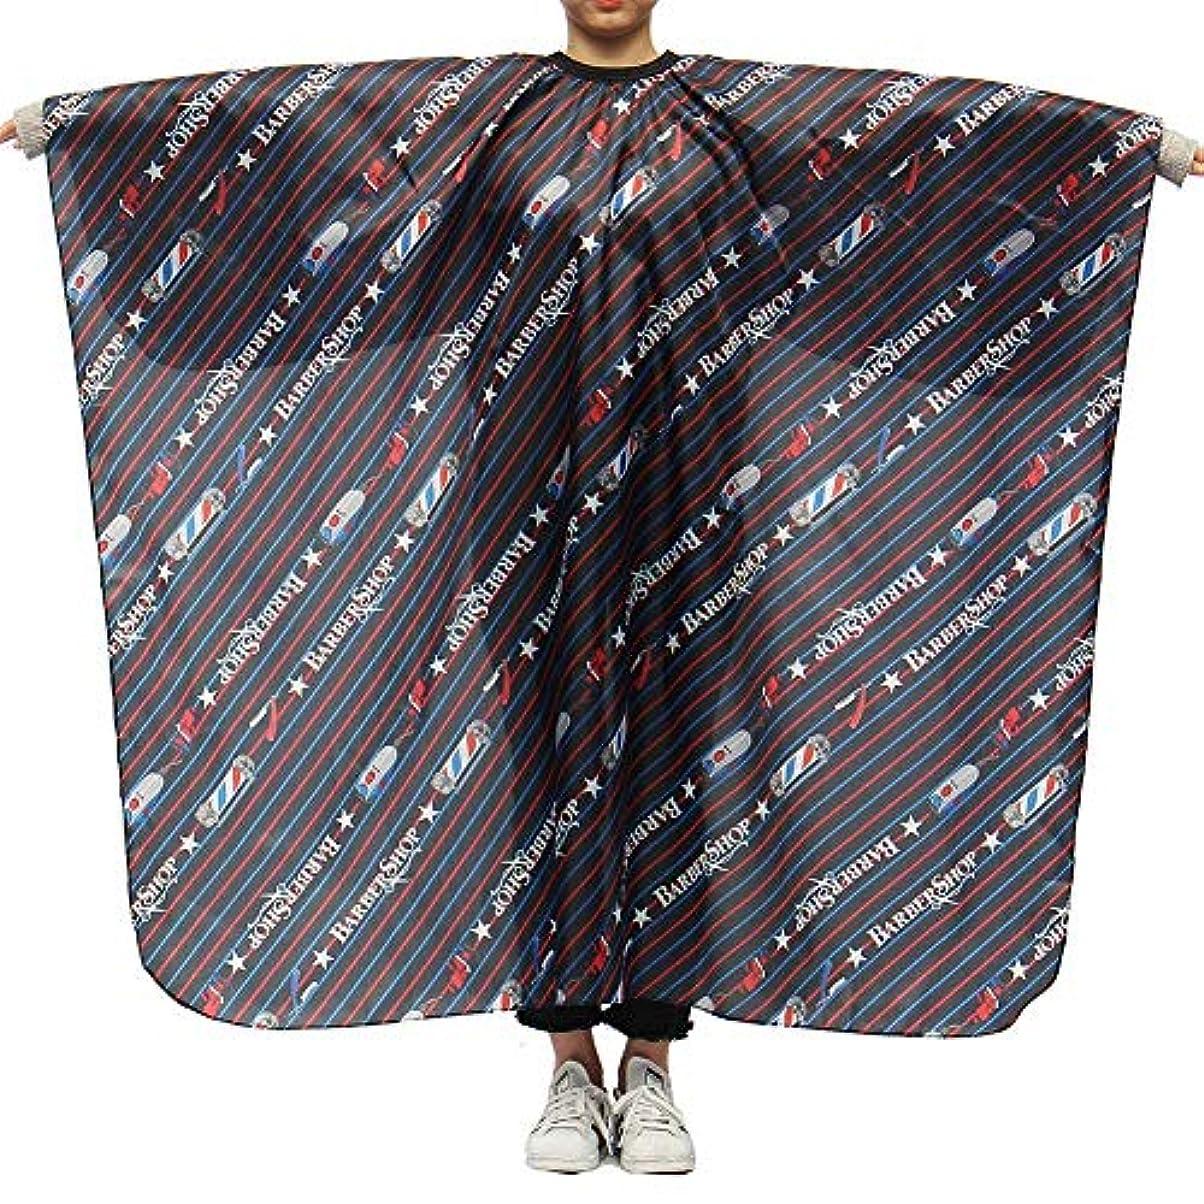 チャンス証拠確かにBrill(ブリーオ)-ビューティー 理髪ケープ 理髪布 家庭用 店用 通気性 滑らか ポリエステル製